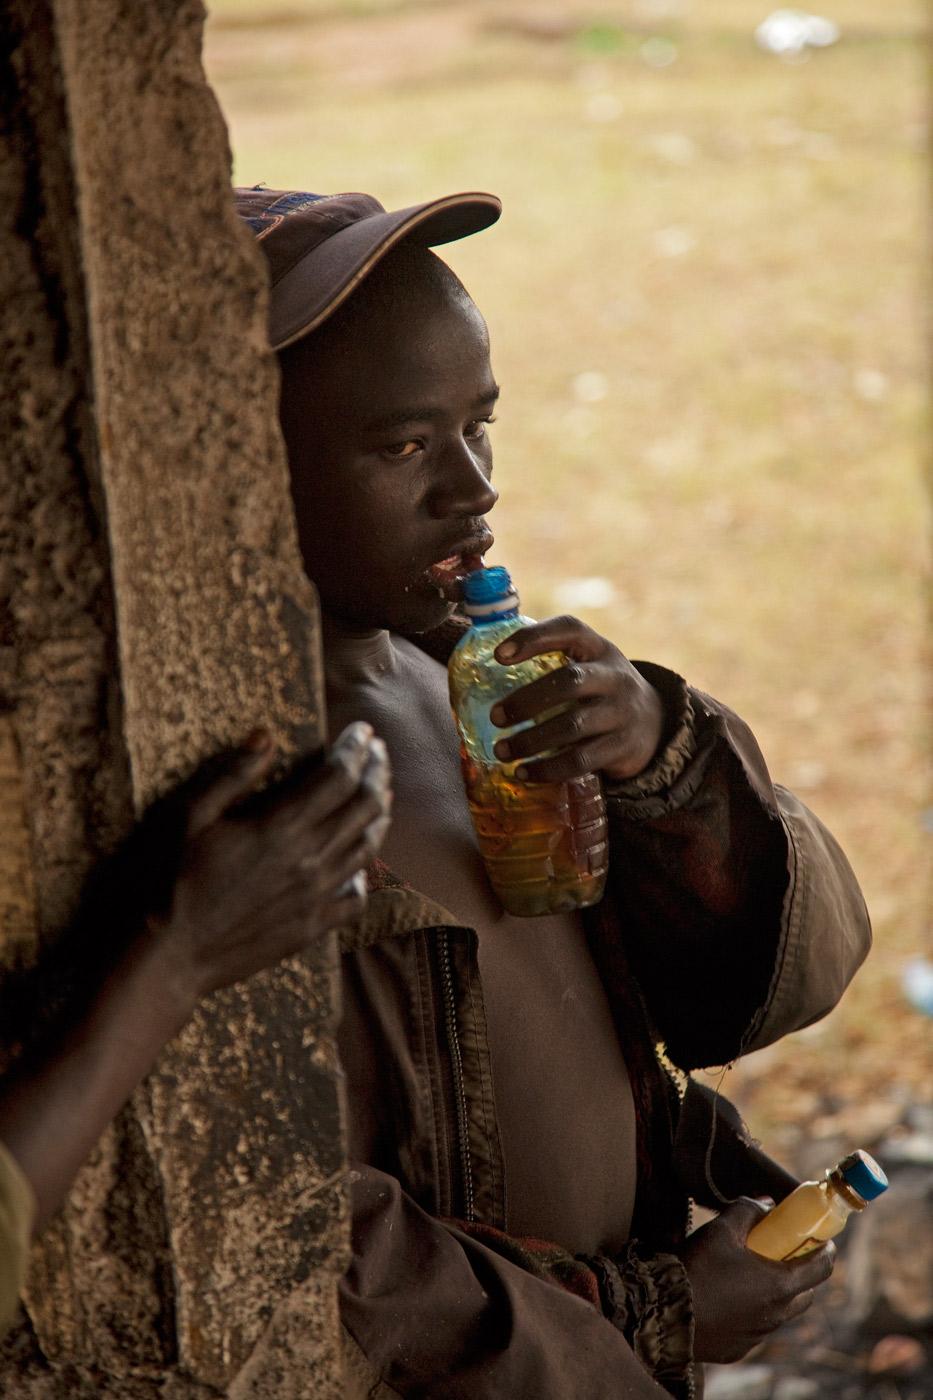 street-child-kenya